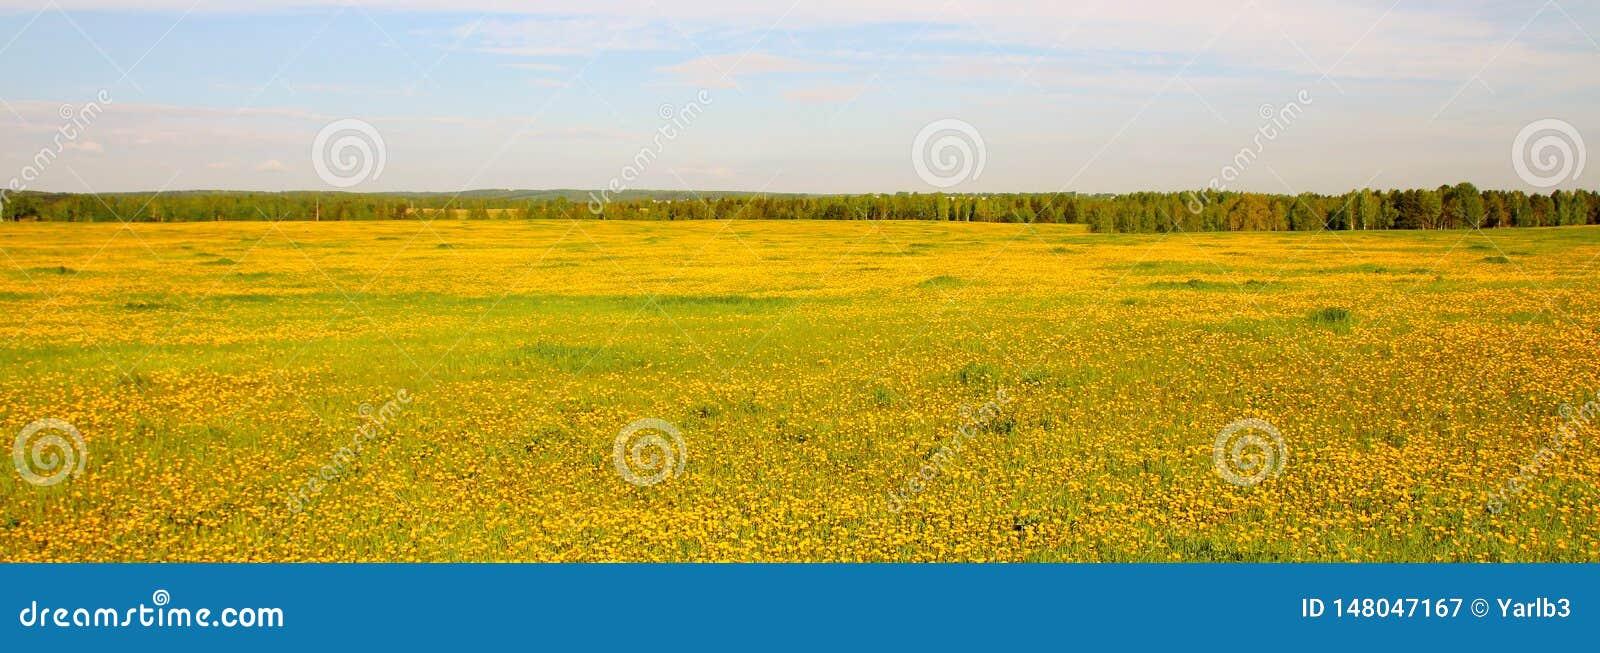 Vue large du champ fleurissant jaune